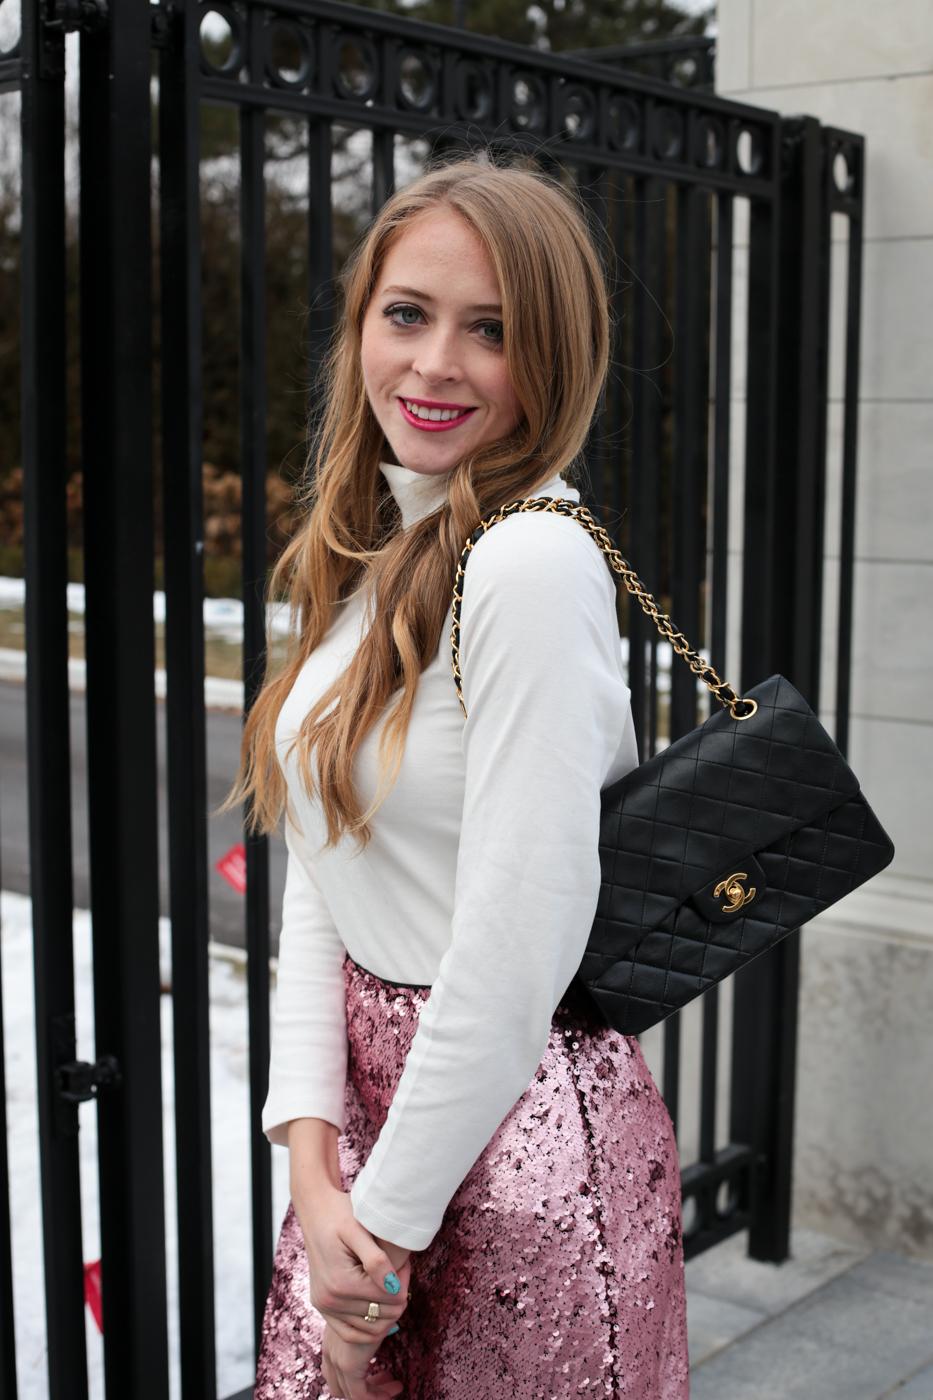 turtleneck pink sequin skirt chanel bag (7 of 8)